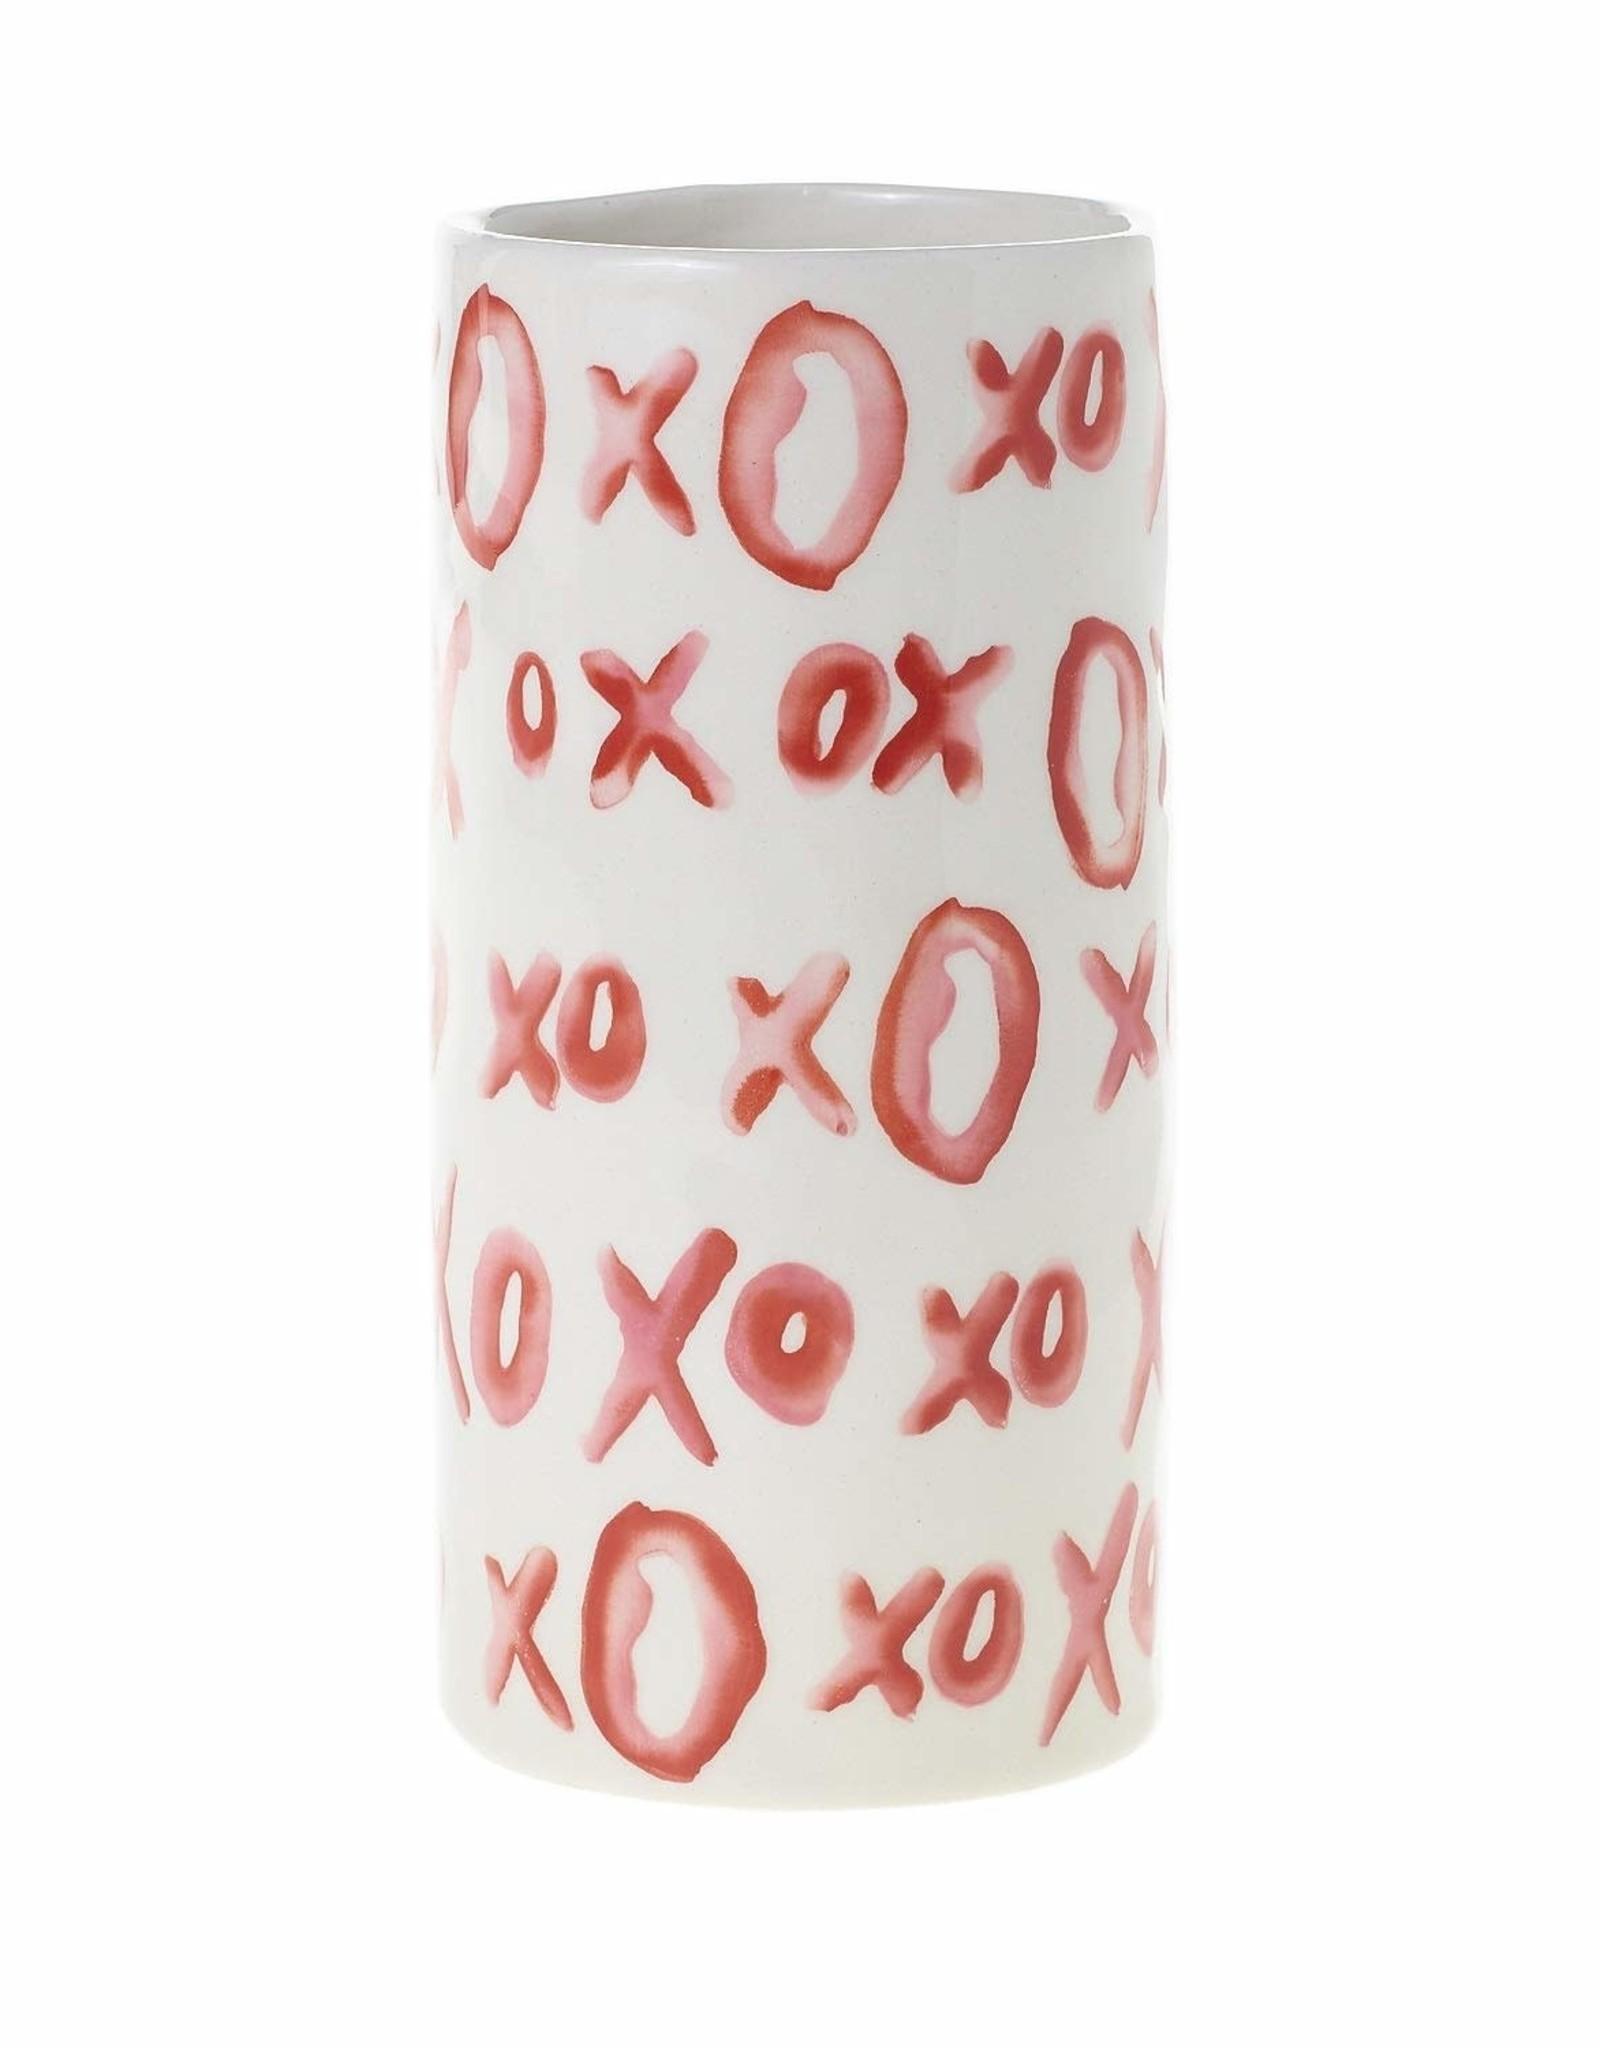 XOXO Vase